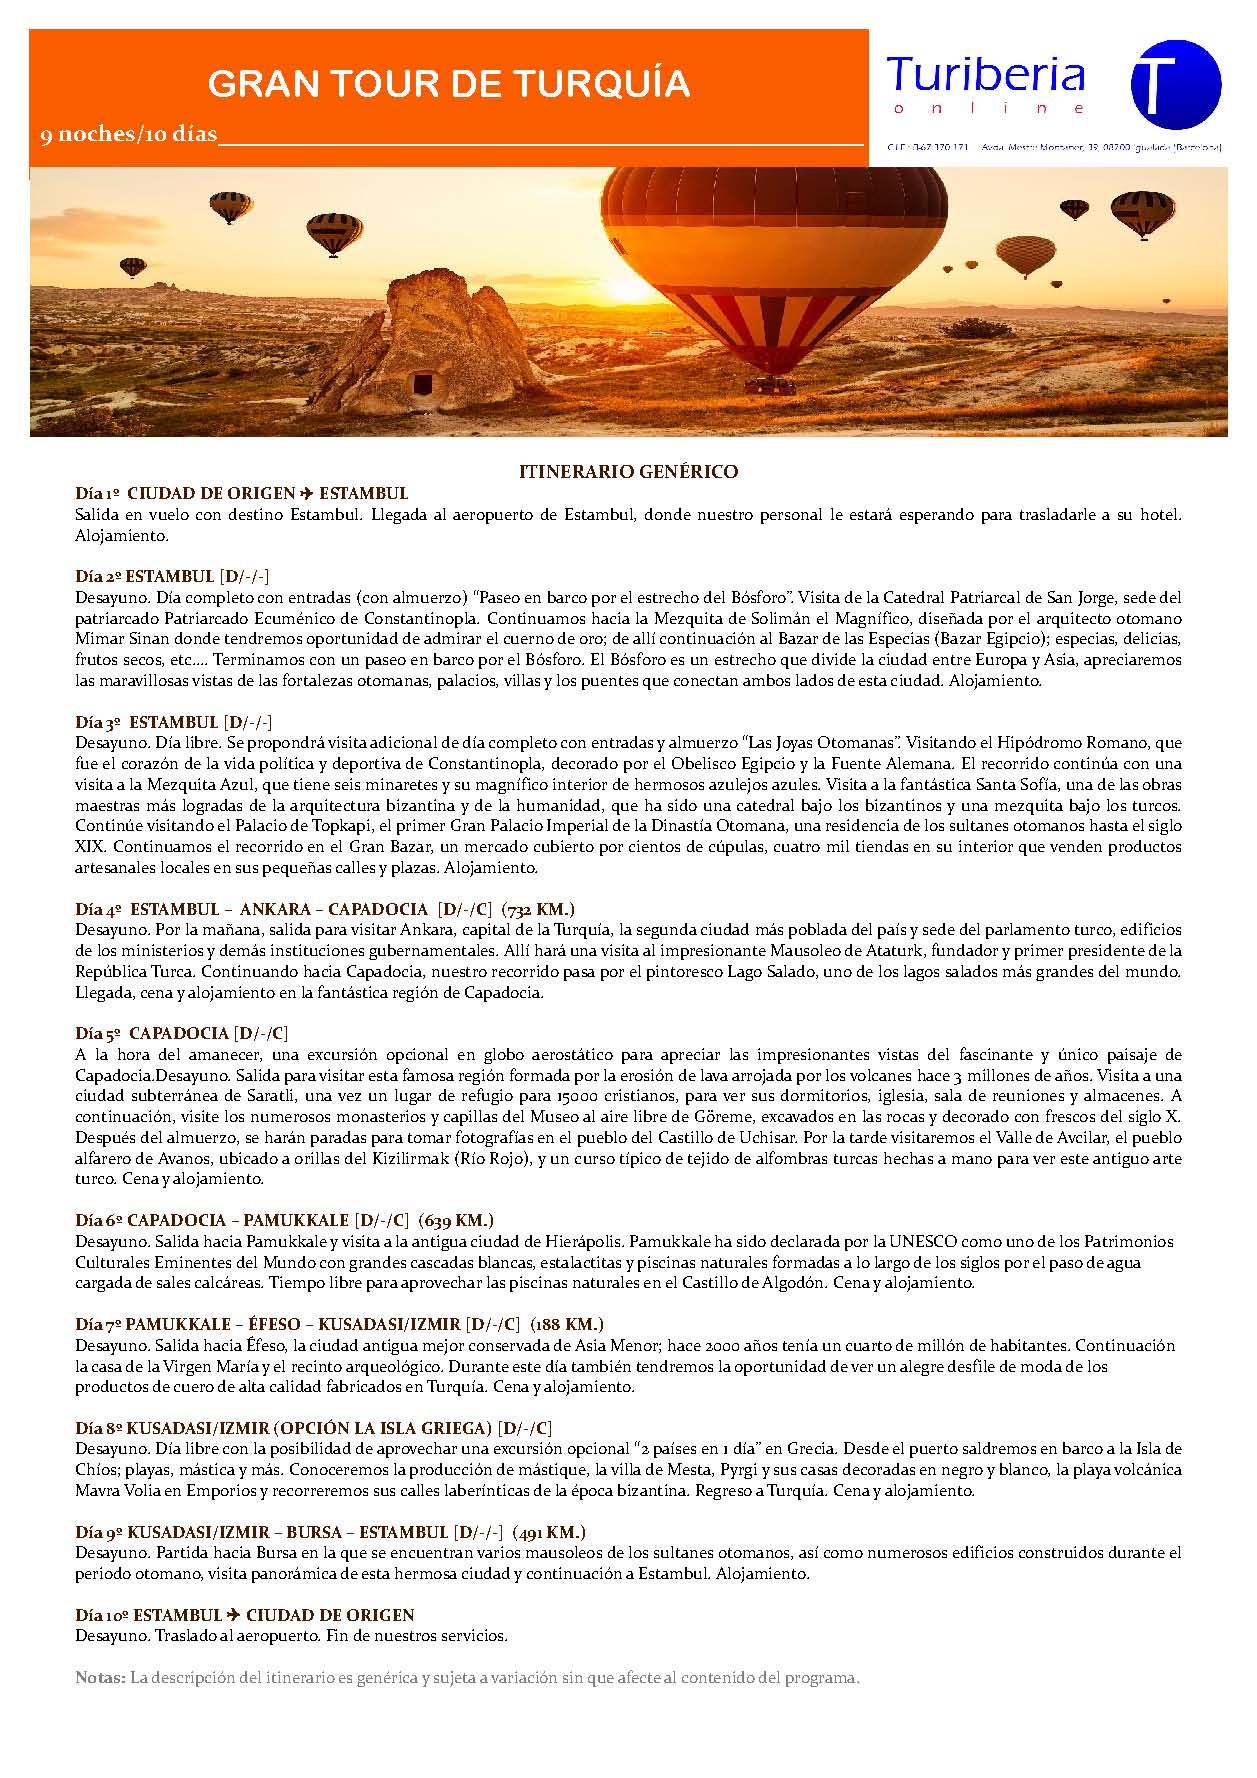 Itinerario Gran Tour de Turquía 2021